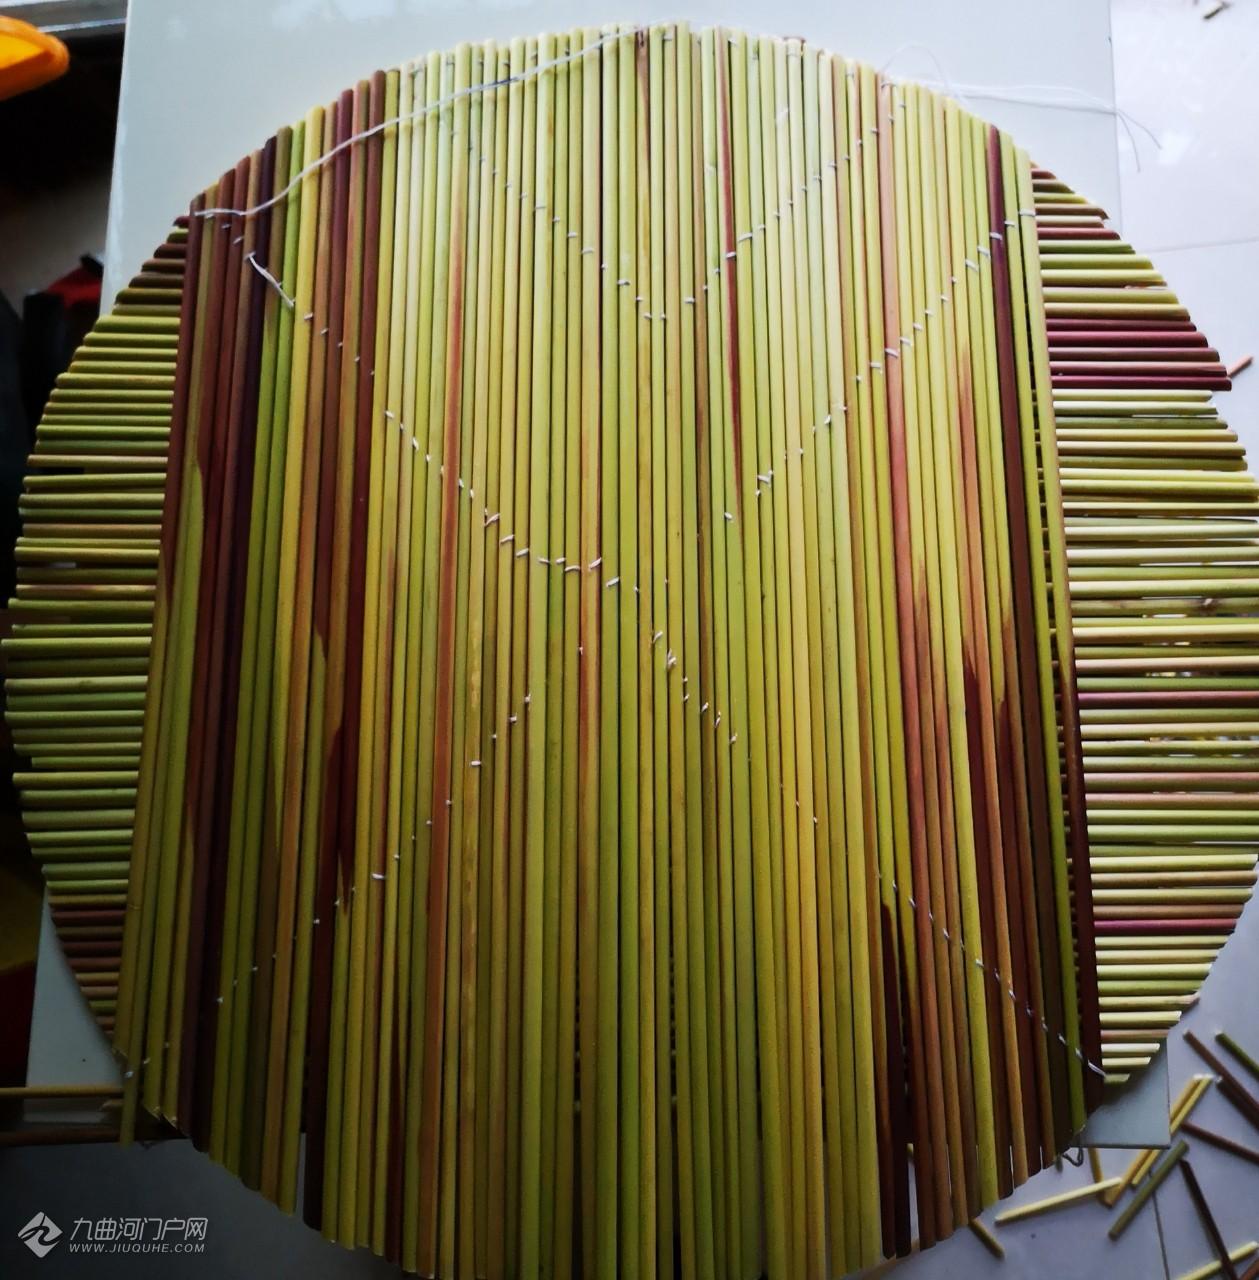 自己动手做盖帘,可用于乘放面食半成品,透气又方便拿取!